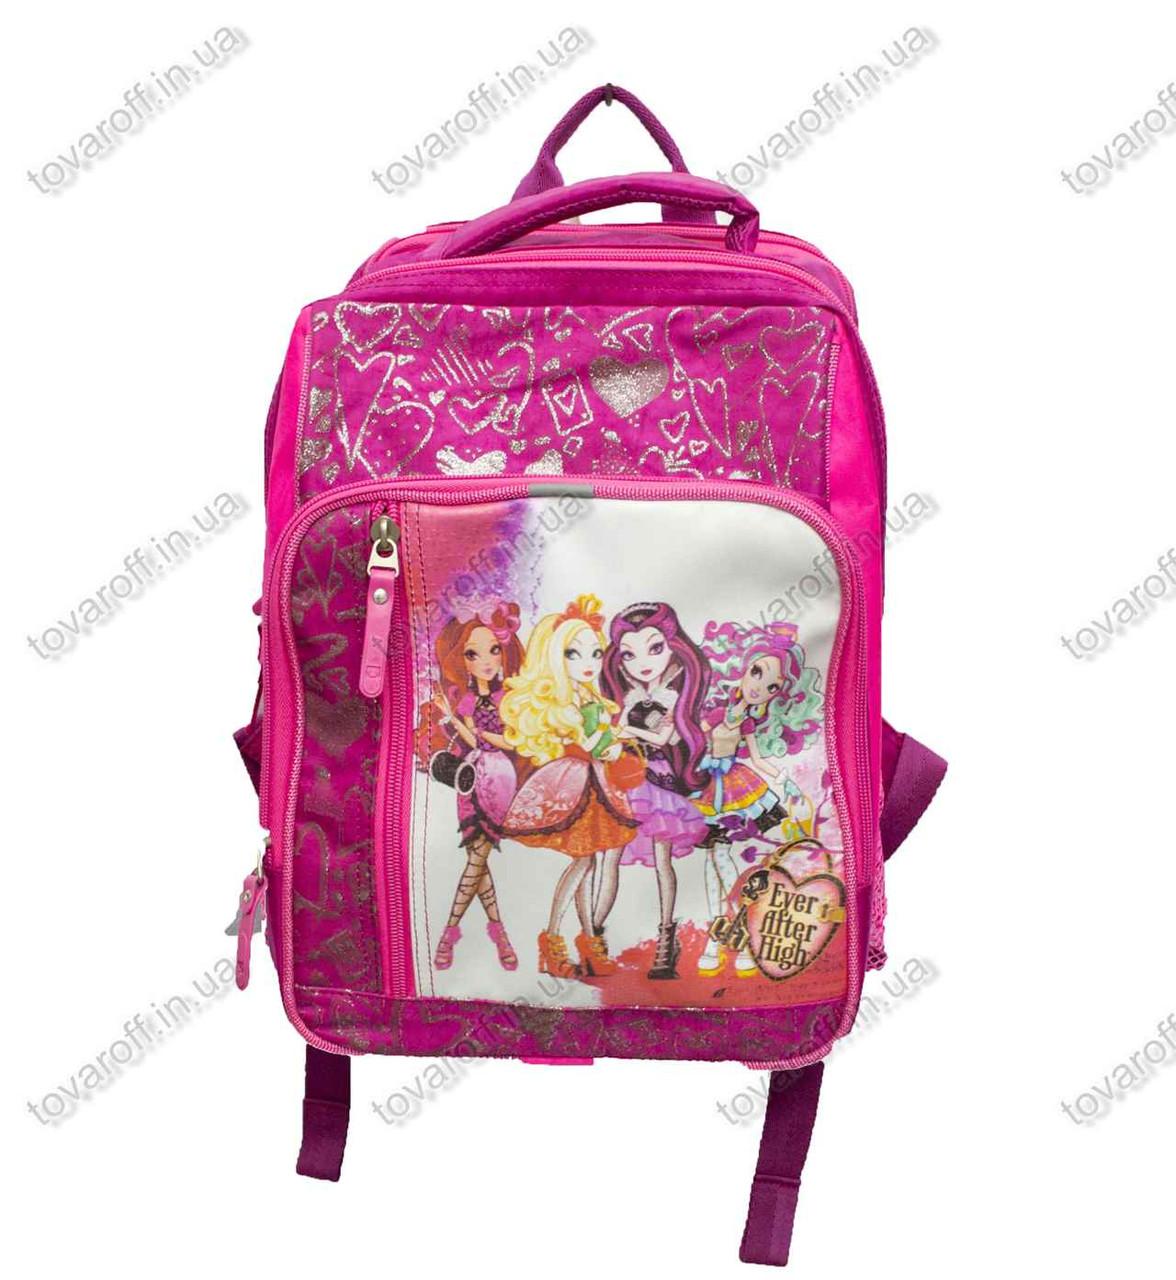 Рюкзак школьный детский Монстер Хай (Monster High) - Розовый - MeShock (Bagland) - 11270